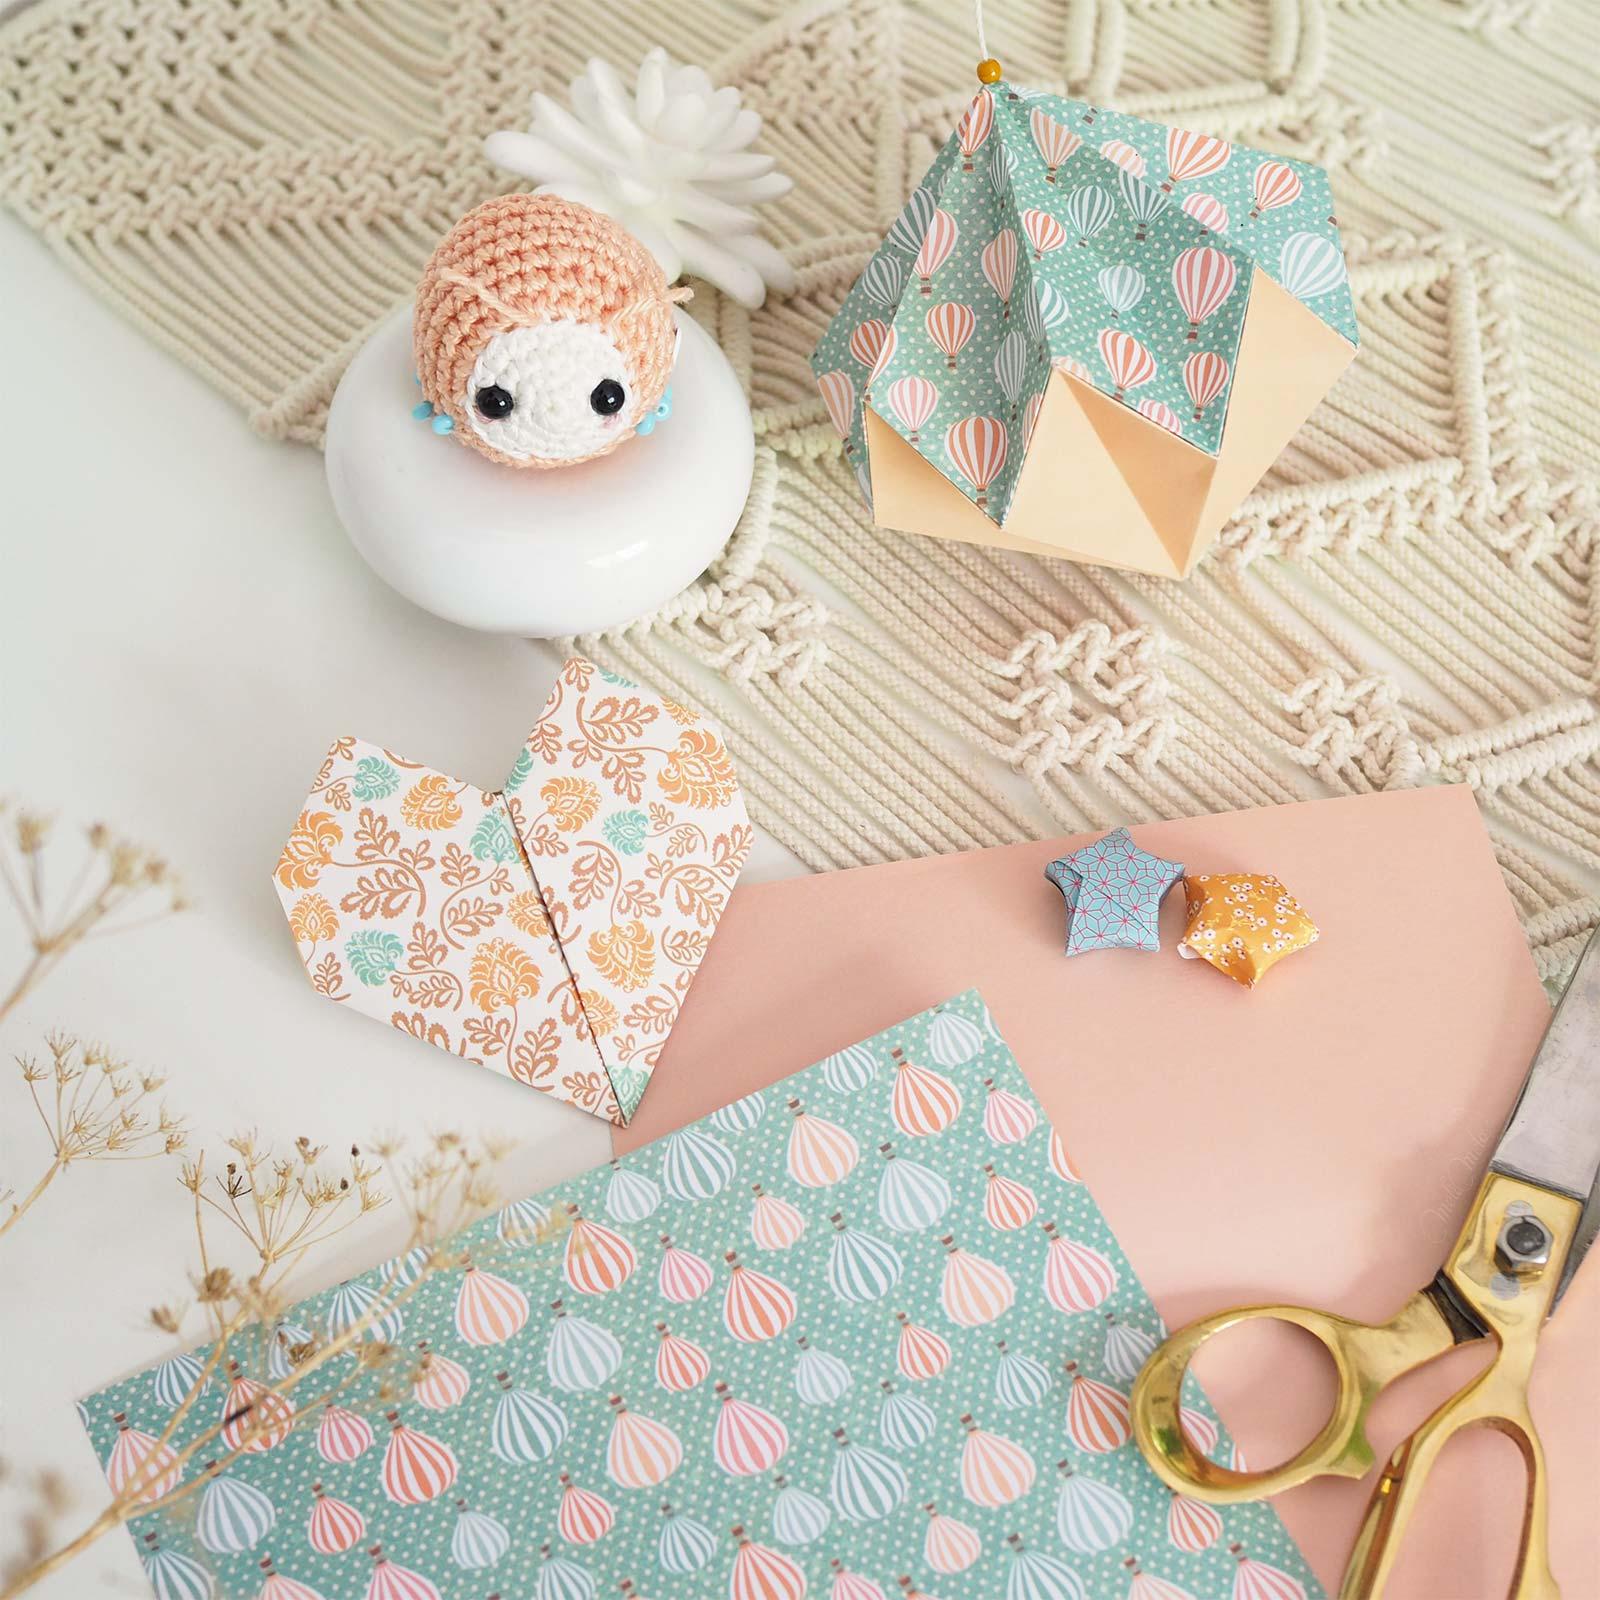 origami papier coeur diamant puceron crochet amulette de poche laboutiquedemelimelo